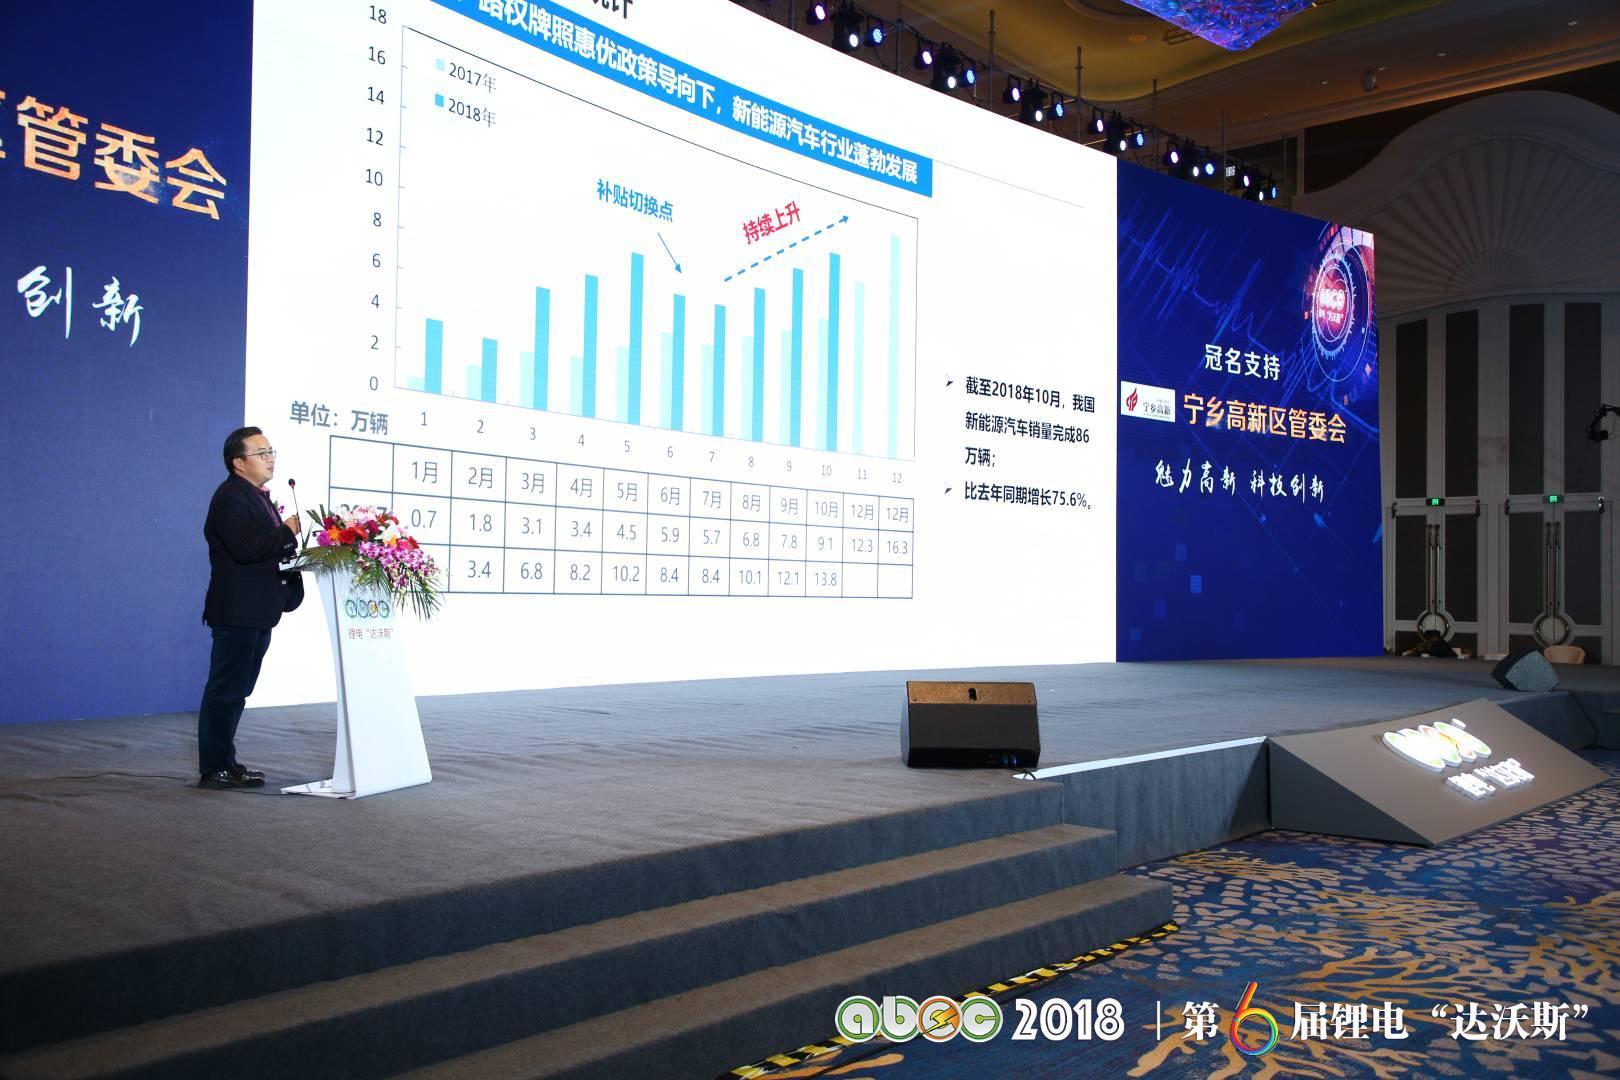 倪绍勇:新濠天地循环经济生态下 44%成本可收回